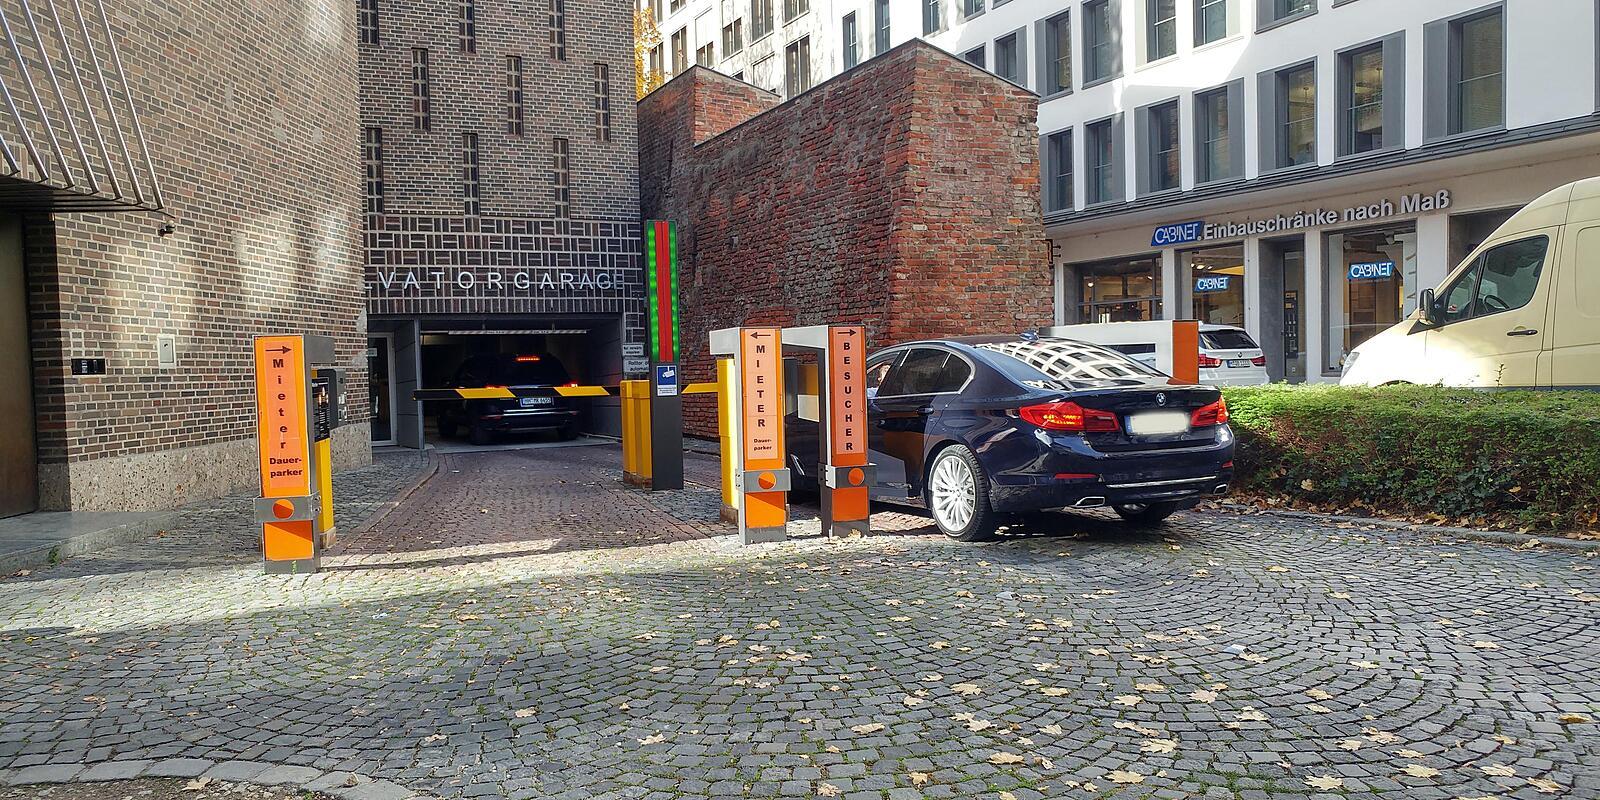 p parkgarage am salvatorplatz salvatorplatz altstadt m nchen parkhaus willkommen. Black Bedroom Furniture Sets. Home Design Ideas